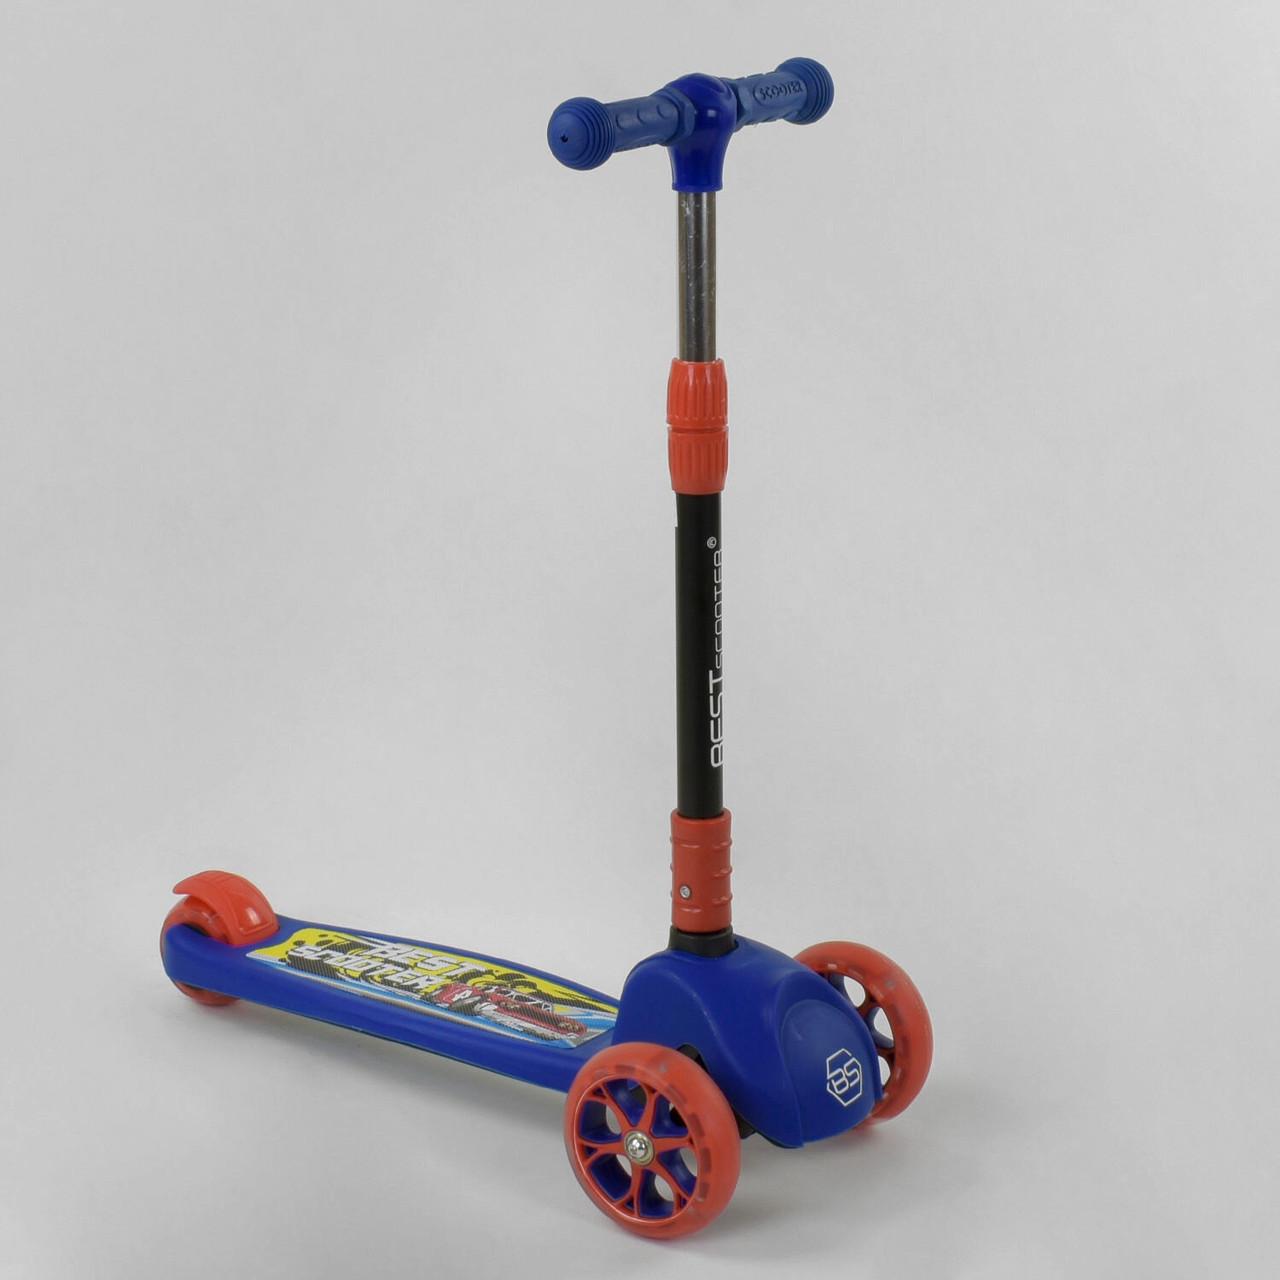 Детский трехколесный самокат Best Scooter 27043 Синий с оранжевым